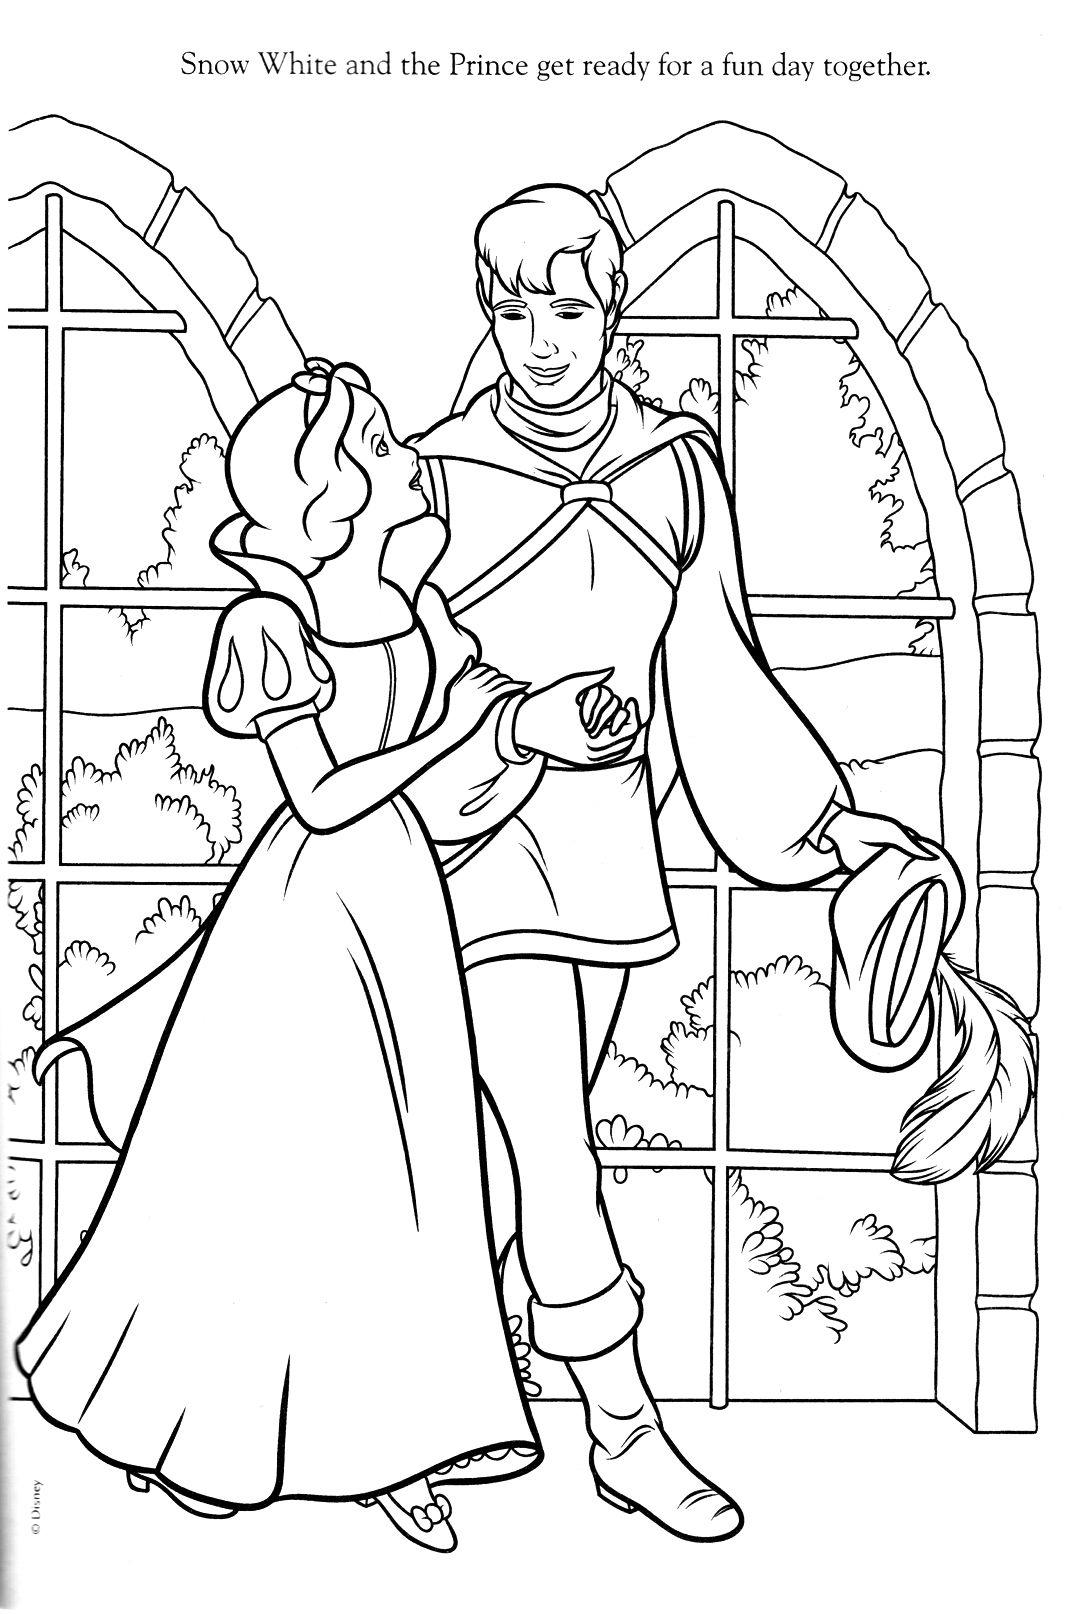 Tranh tô màu hoàng tử và công chúa bạch tuyết